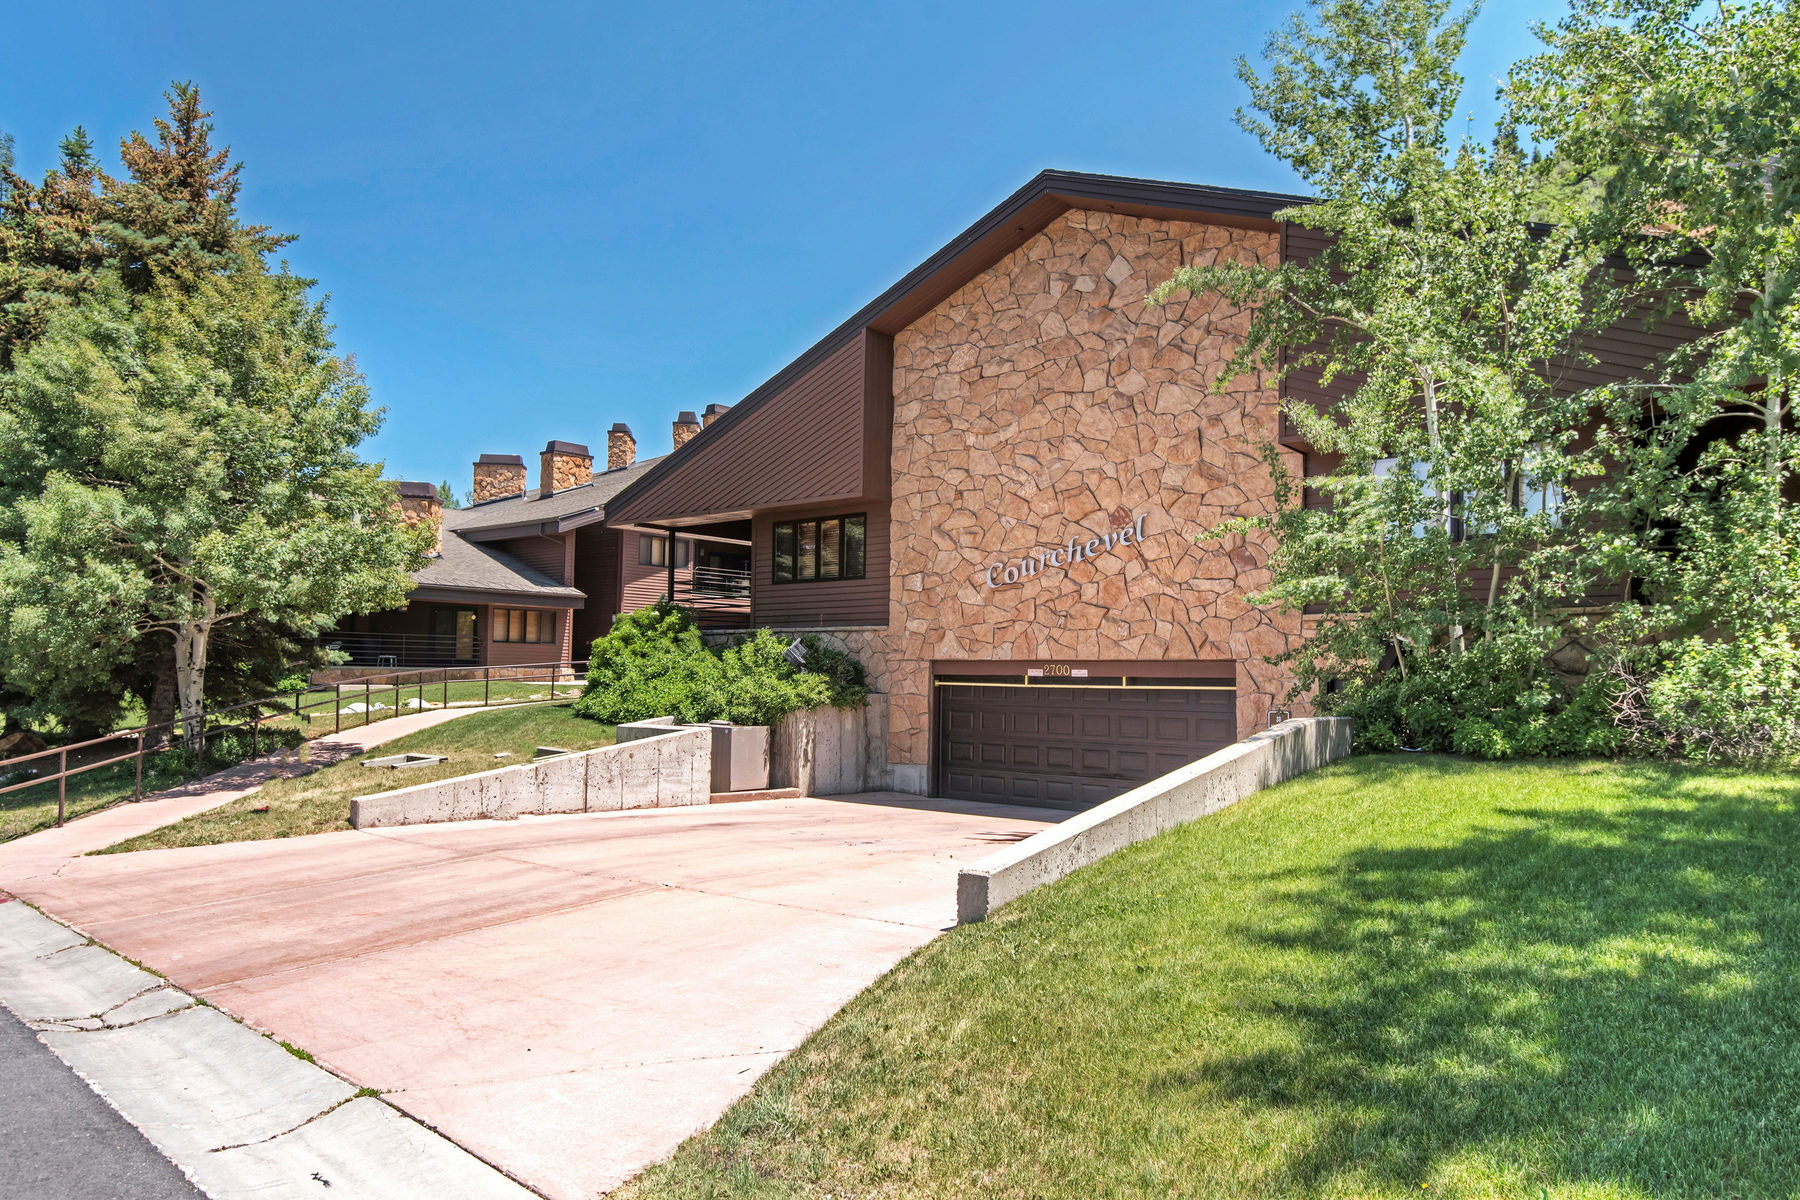 Piso por un Venta en Recently Updated Courchevel Unit in a Very Desirable Location 2700 Deer Valley Dr #C204 Park City, Utah, 84060 Estados Unidos